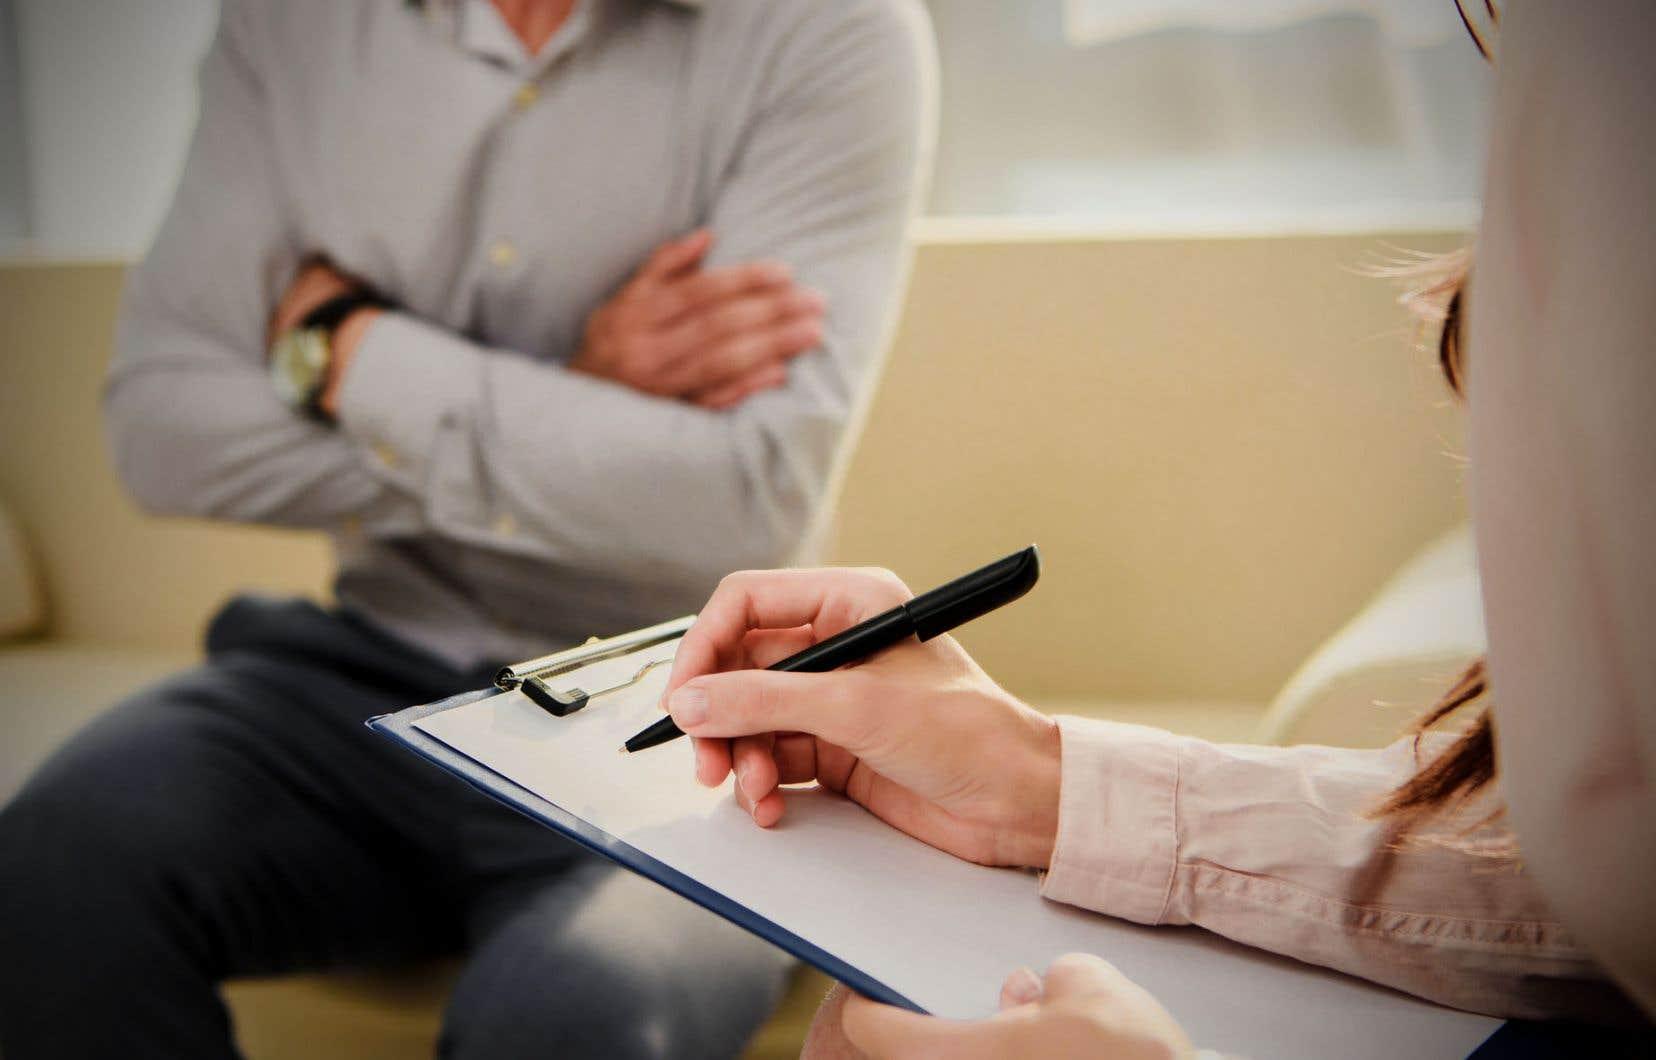 Les psychologues, maintenant détenteurs d'un doctorat, préfèrent pratiquer leur profession au privé où leurs conditions de travail, leur autonomie professionnelle, leur salaire sont meilleurs, explique l'autrice.